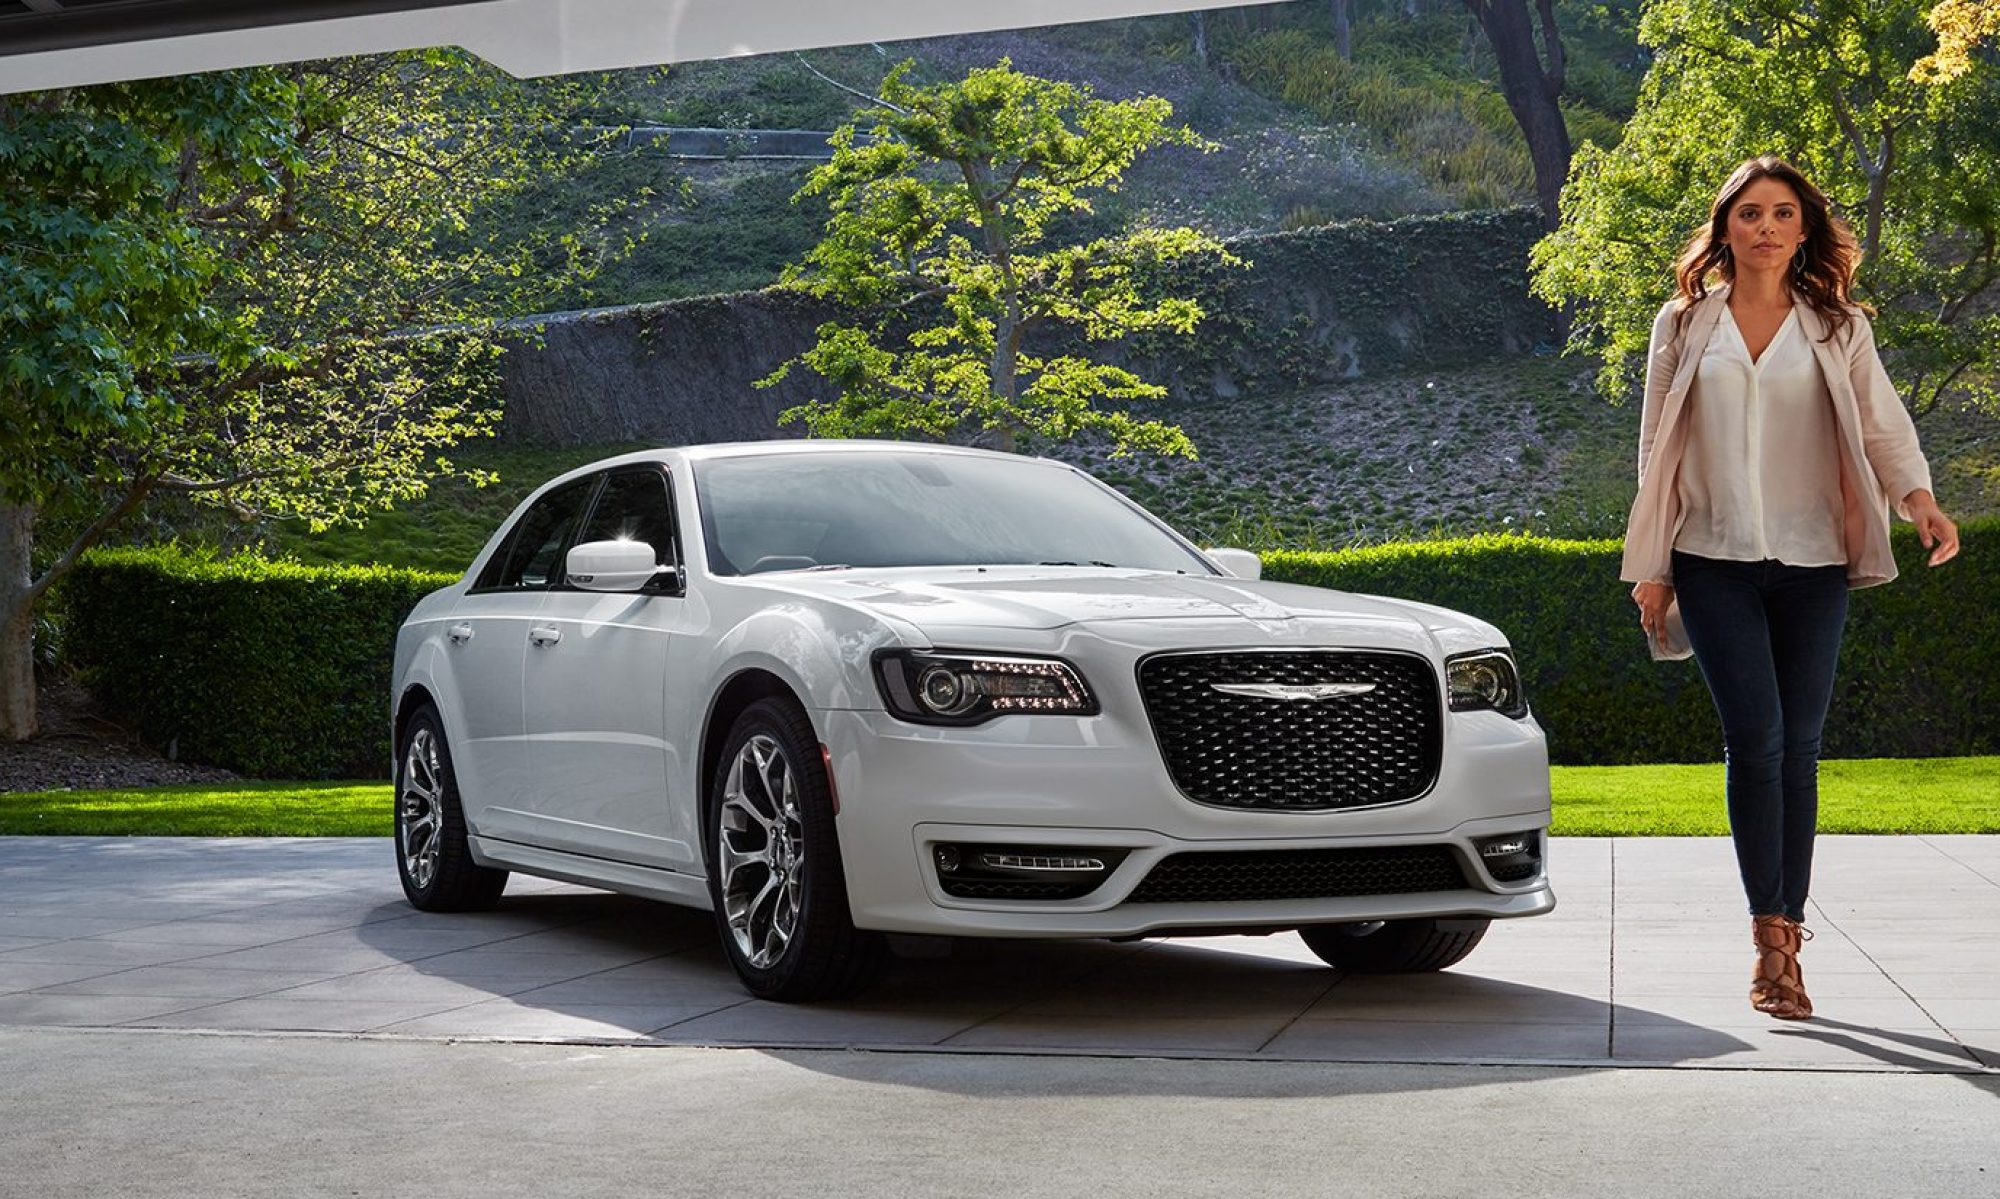 7 des voitures hybrides les plus conomes en essence. Black Bedroom Furniture Sets. Home Design Ideas